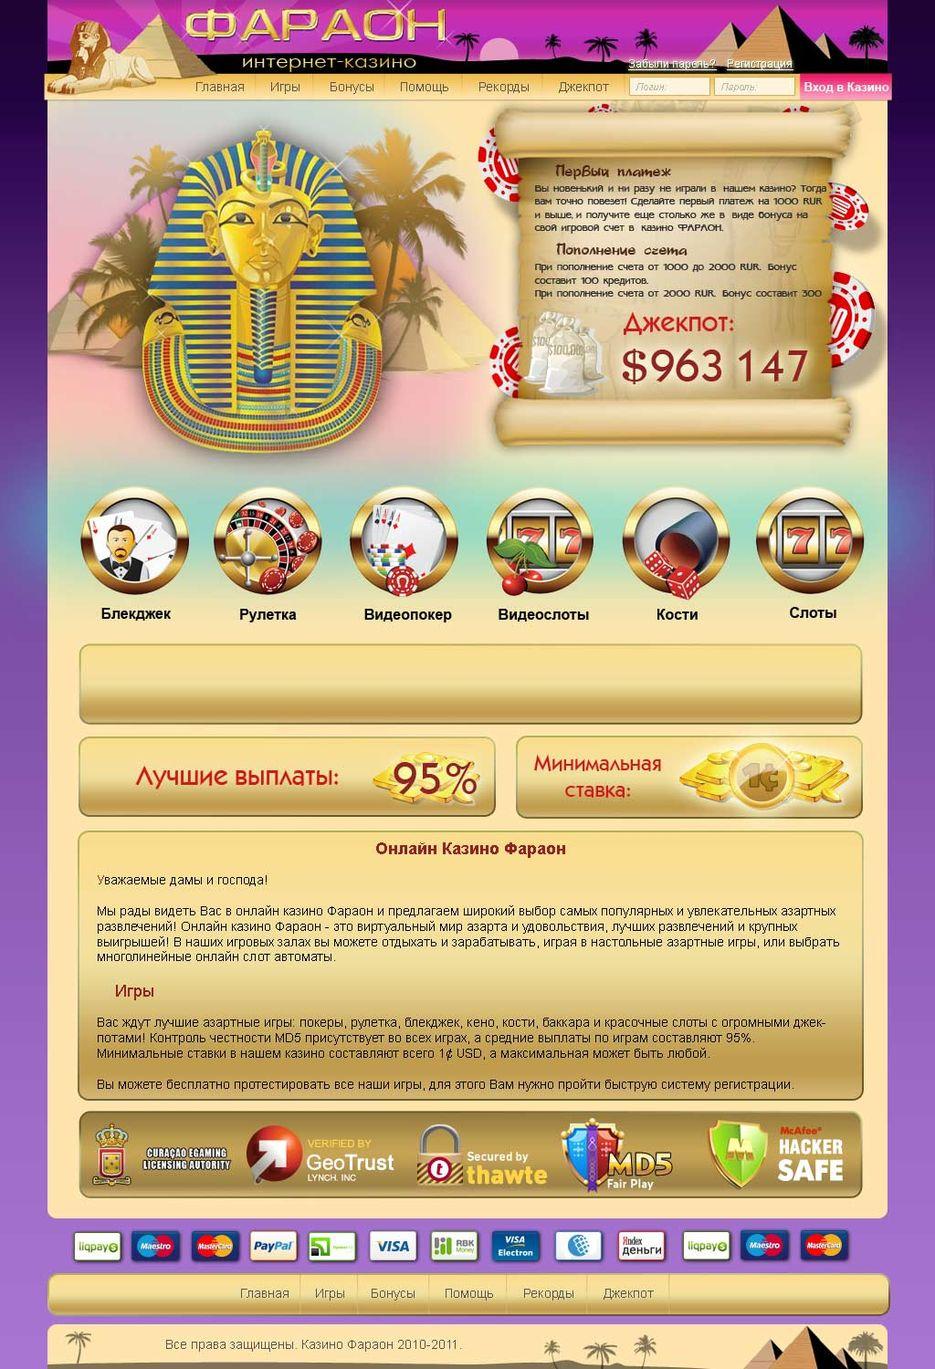 официальный сайт виртуальное казино фараон отзывы